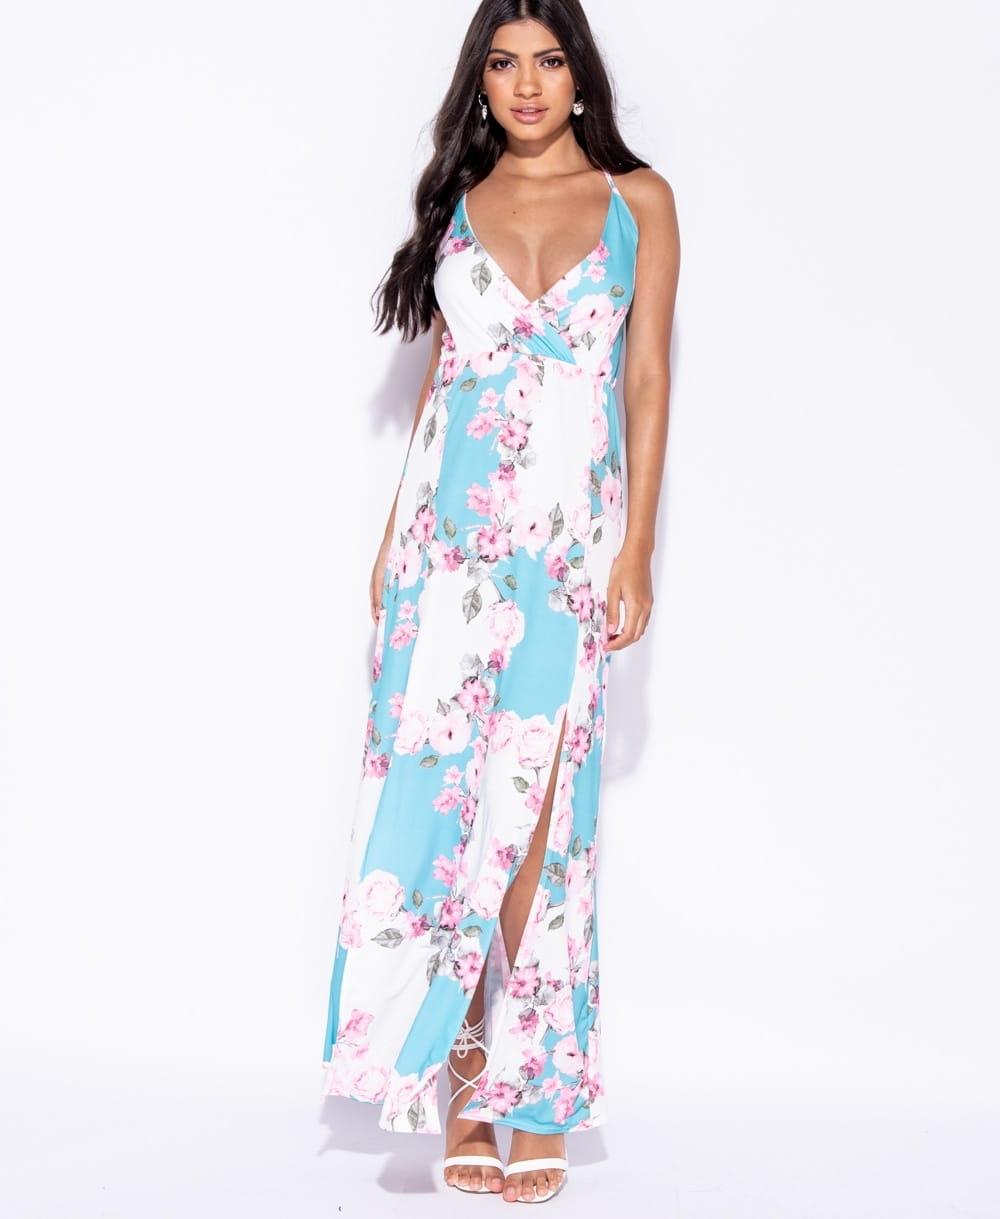 Aqua letnia sukienka na ramiączkach w kwiaty ost40